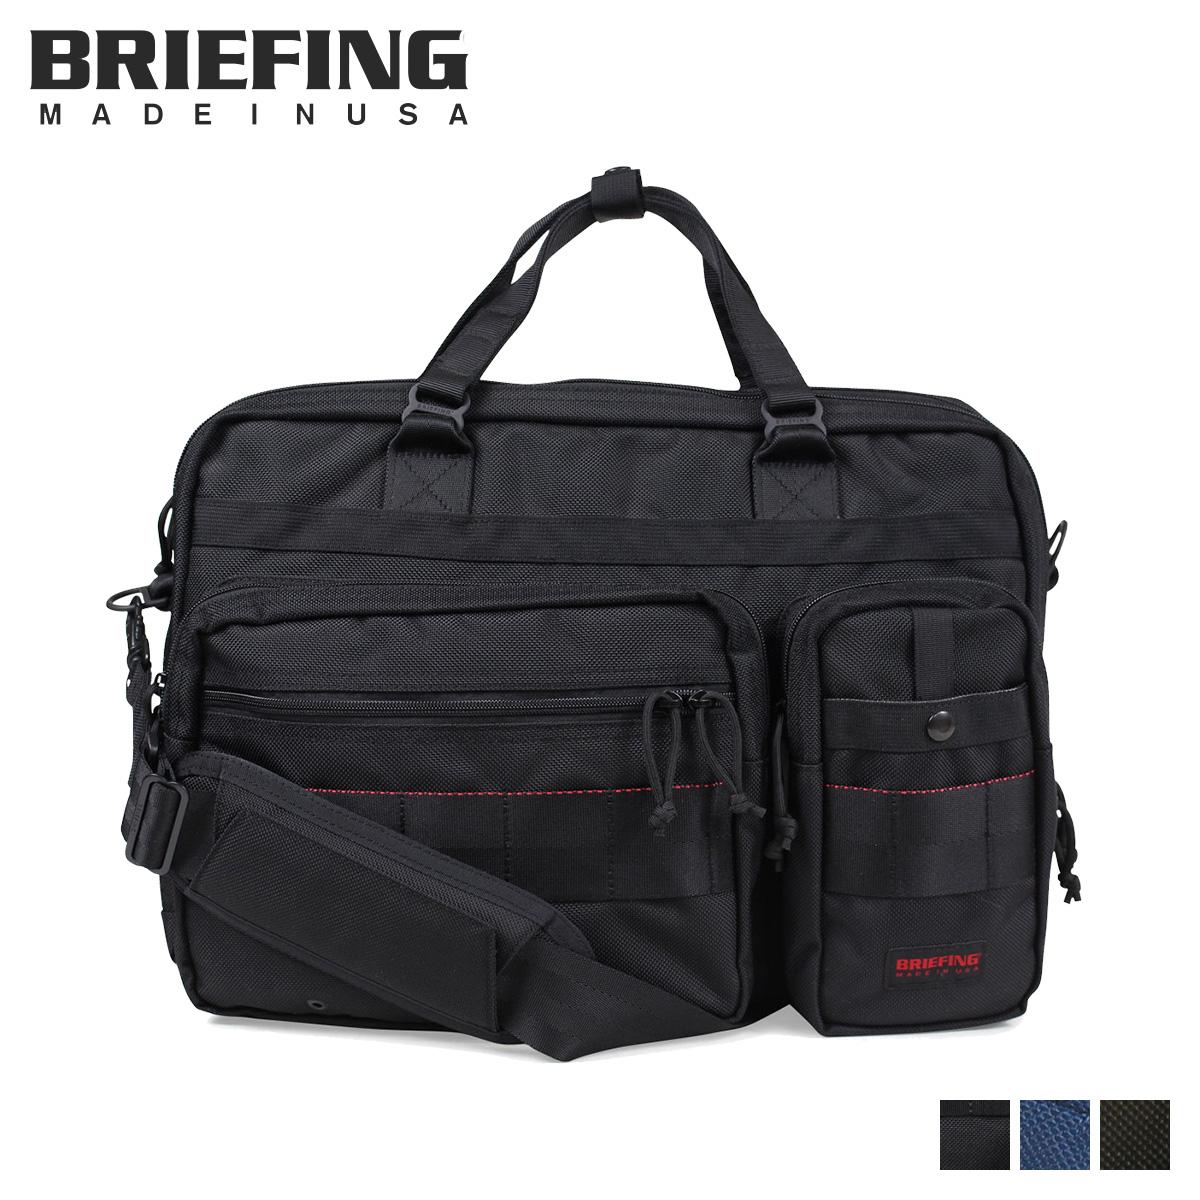 BRIEFING ブリーフィング バッグ ブリーフケース ビジネスバッグ メンズ B4 OVER TRIP ブラック ネイビー オリーブ 黒 BRF117219